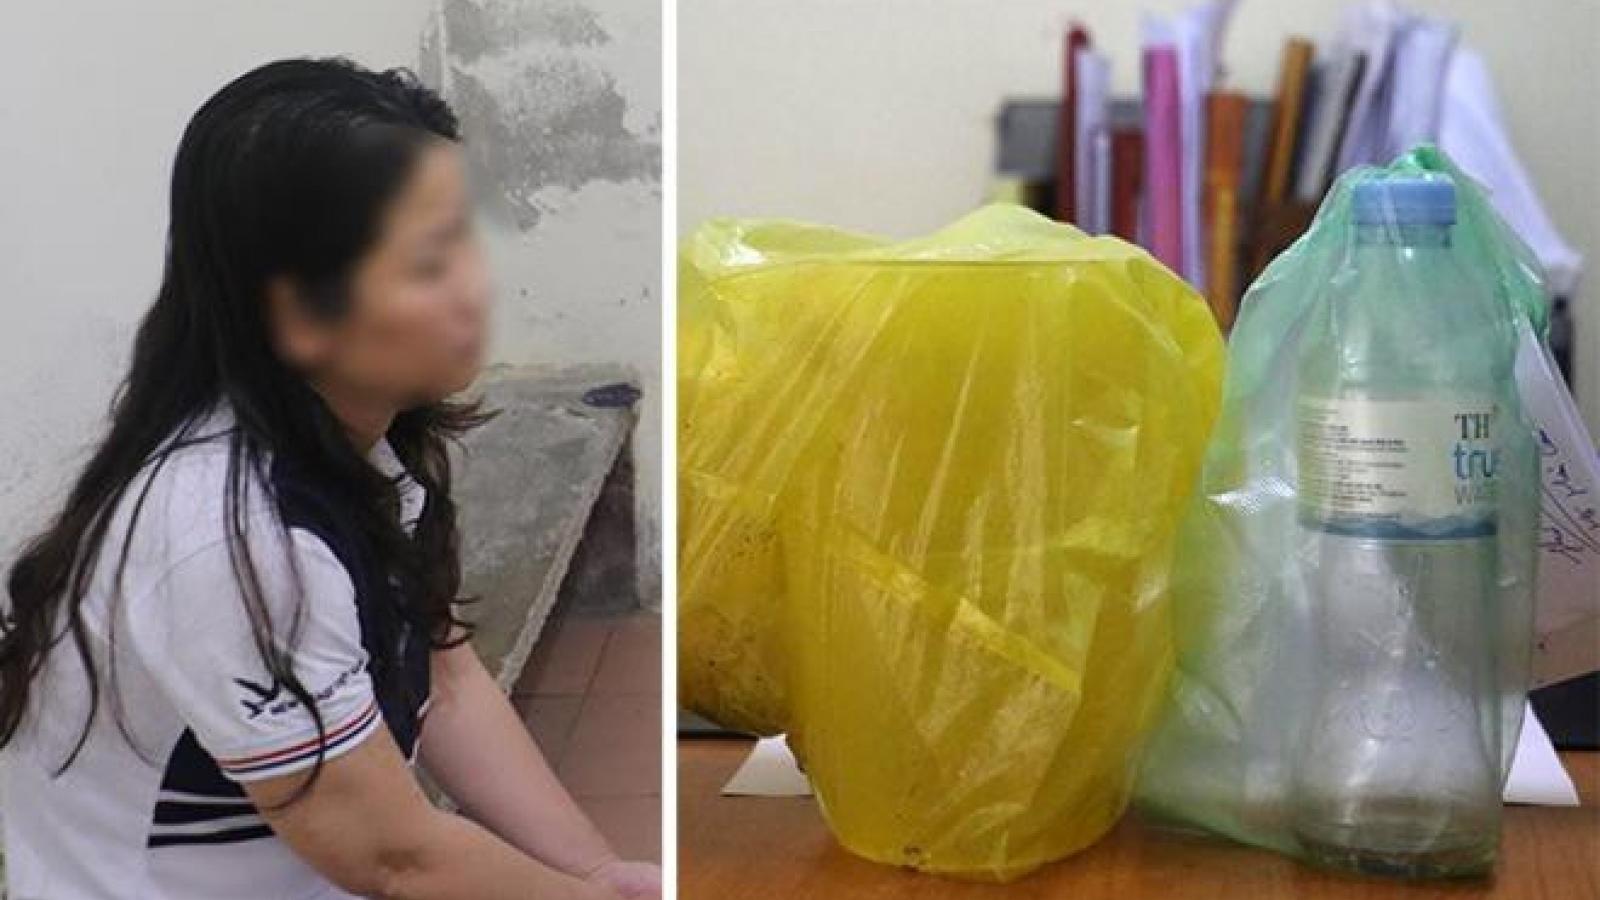 Nghi phạm tạt ca chất lỏng nghi a xít vào người phụ nữ bị bắt trên đường trốn chạy